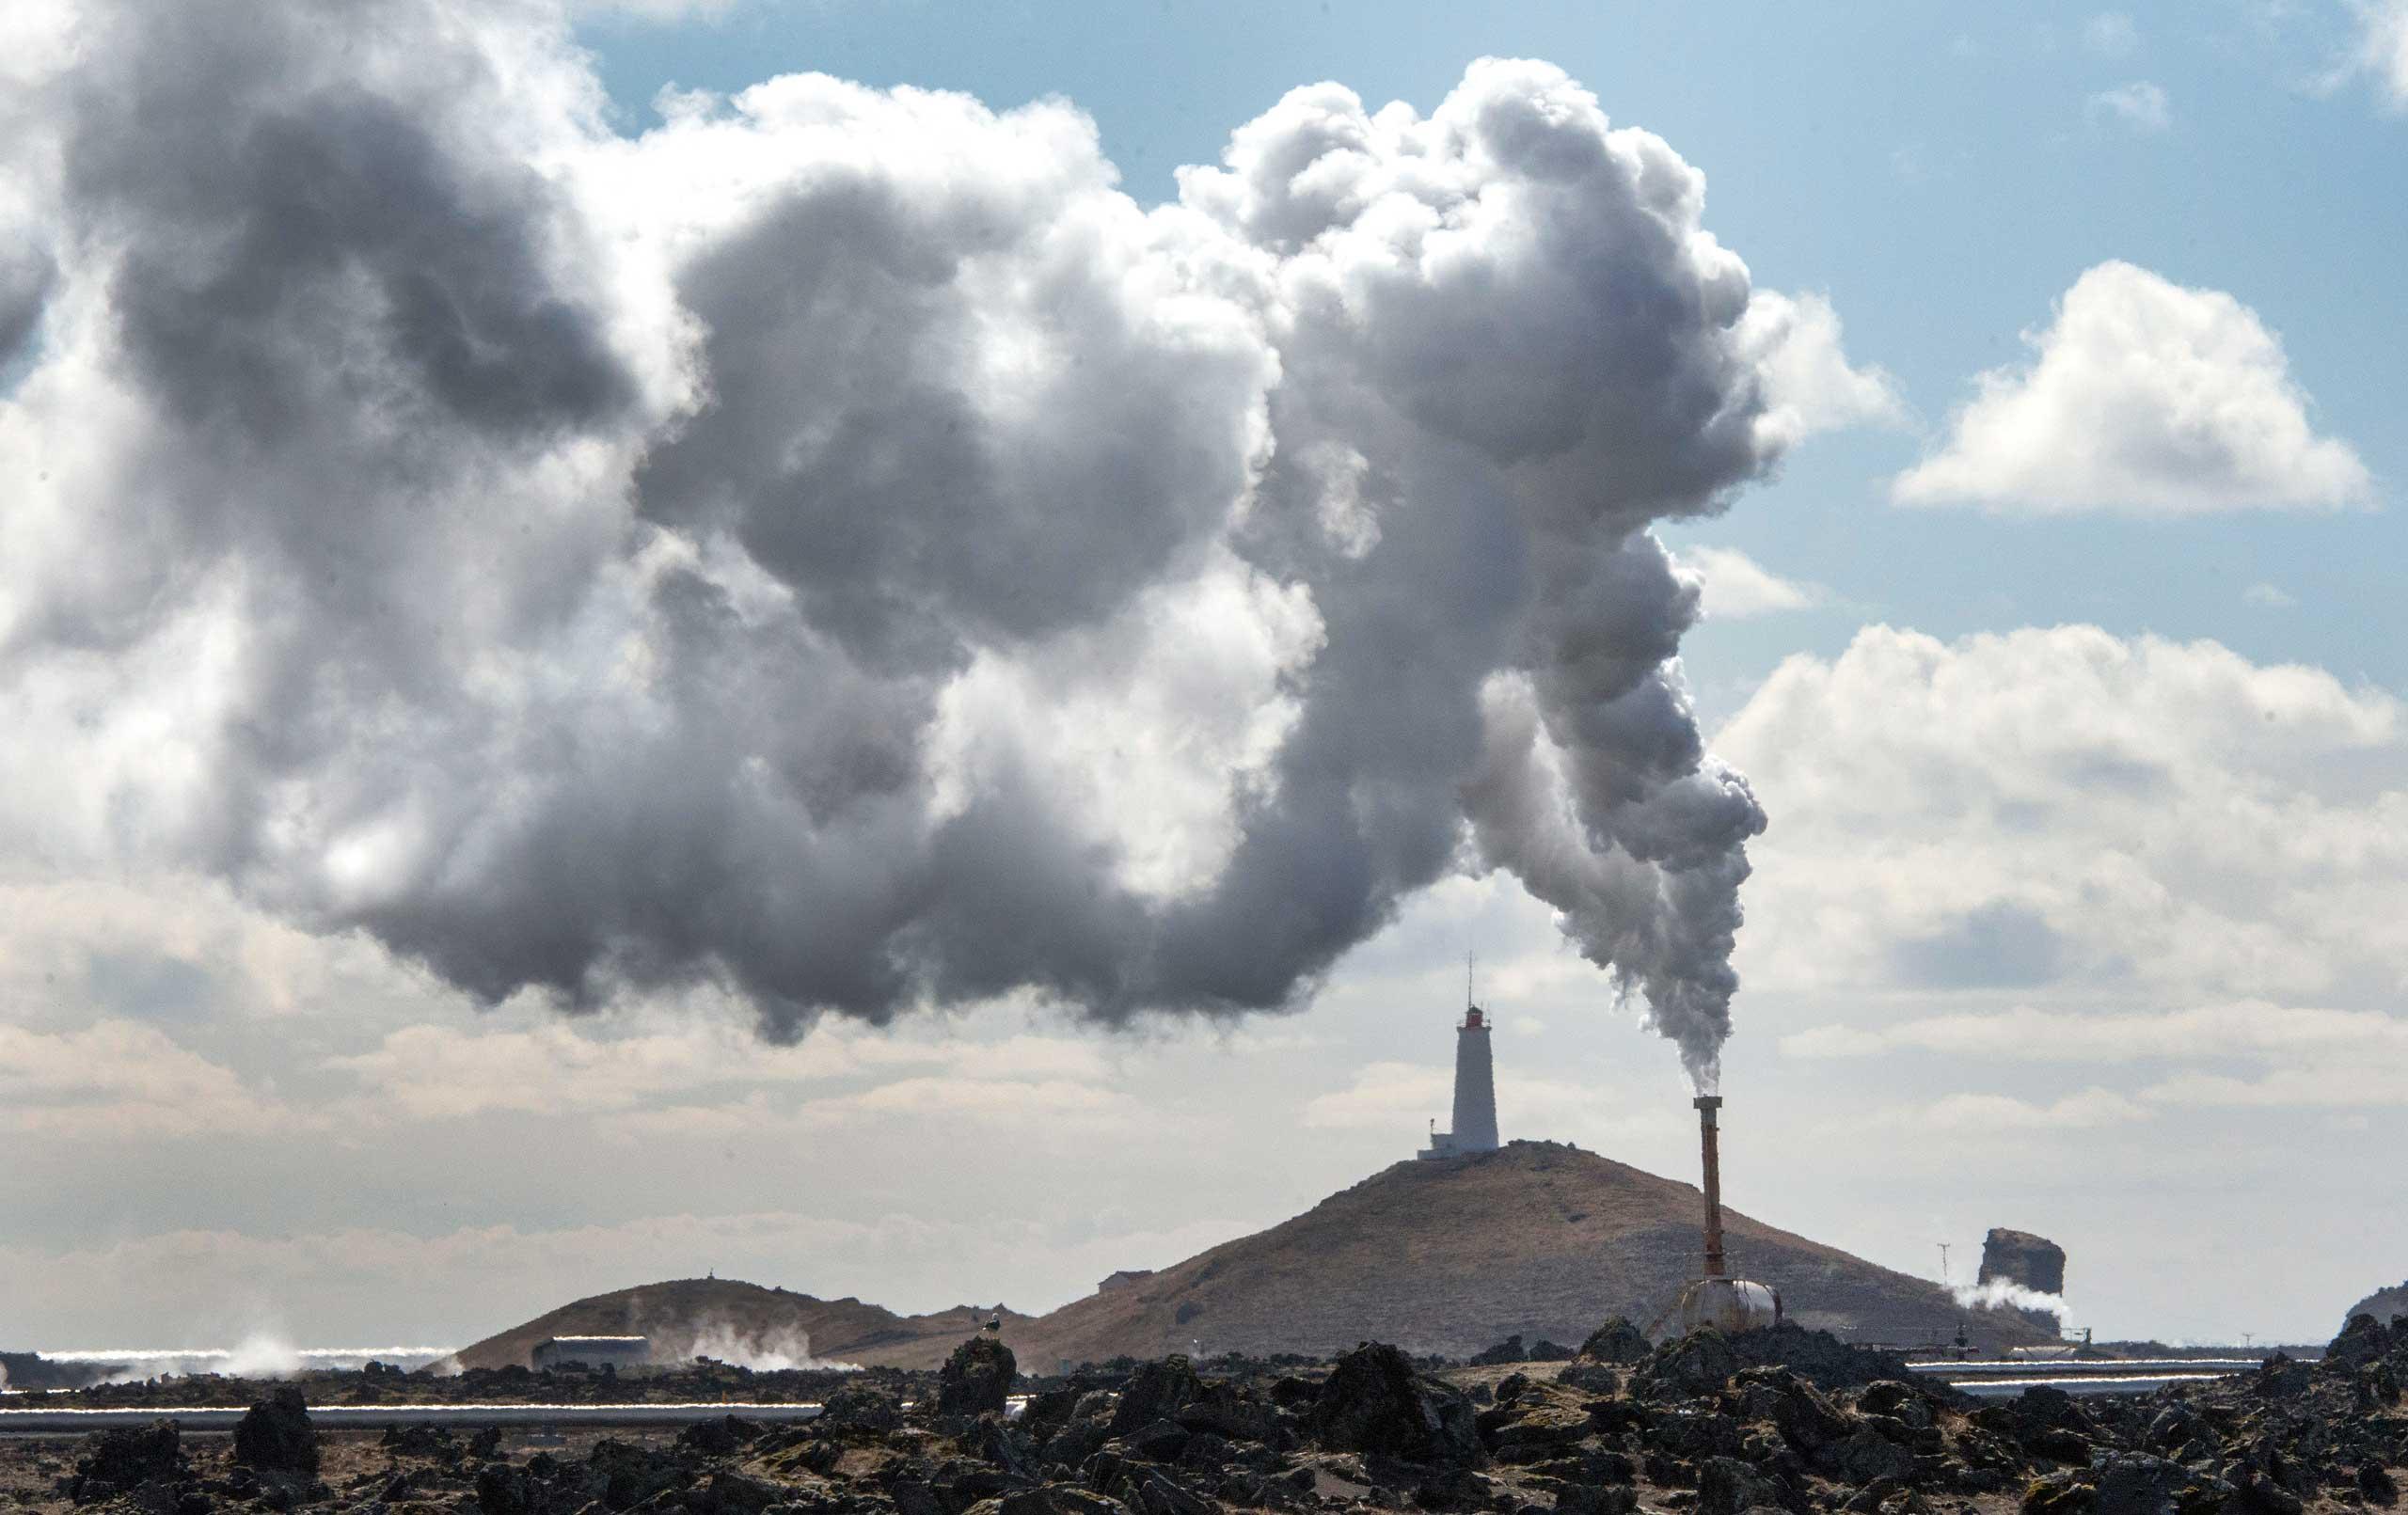 Reykjanes power station in Iceland, seen in 2013.